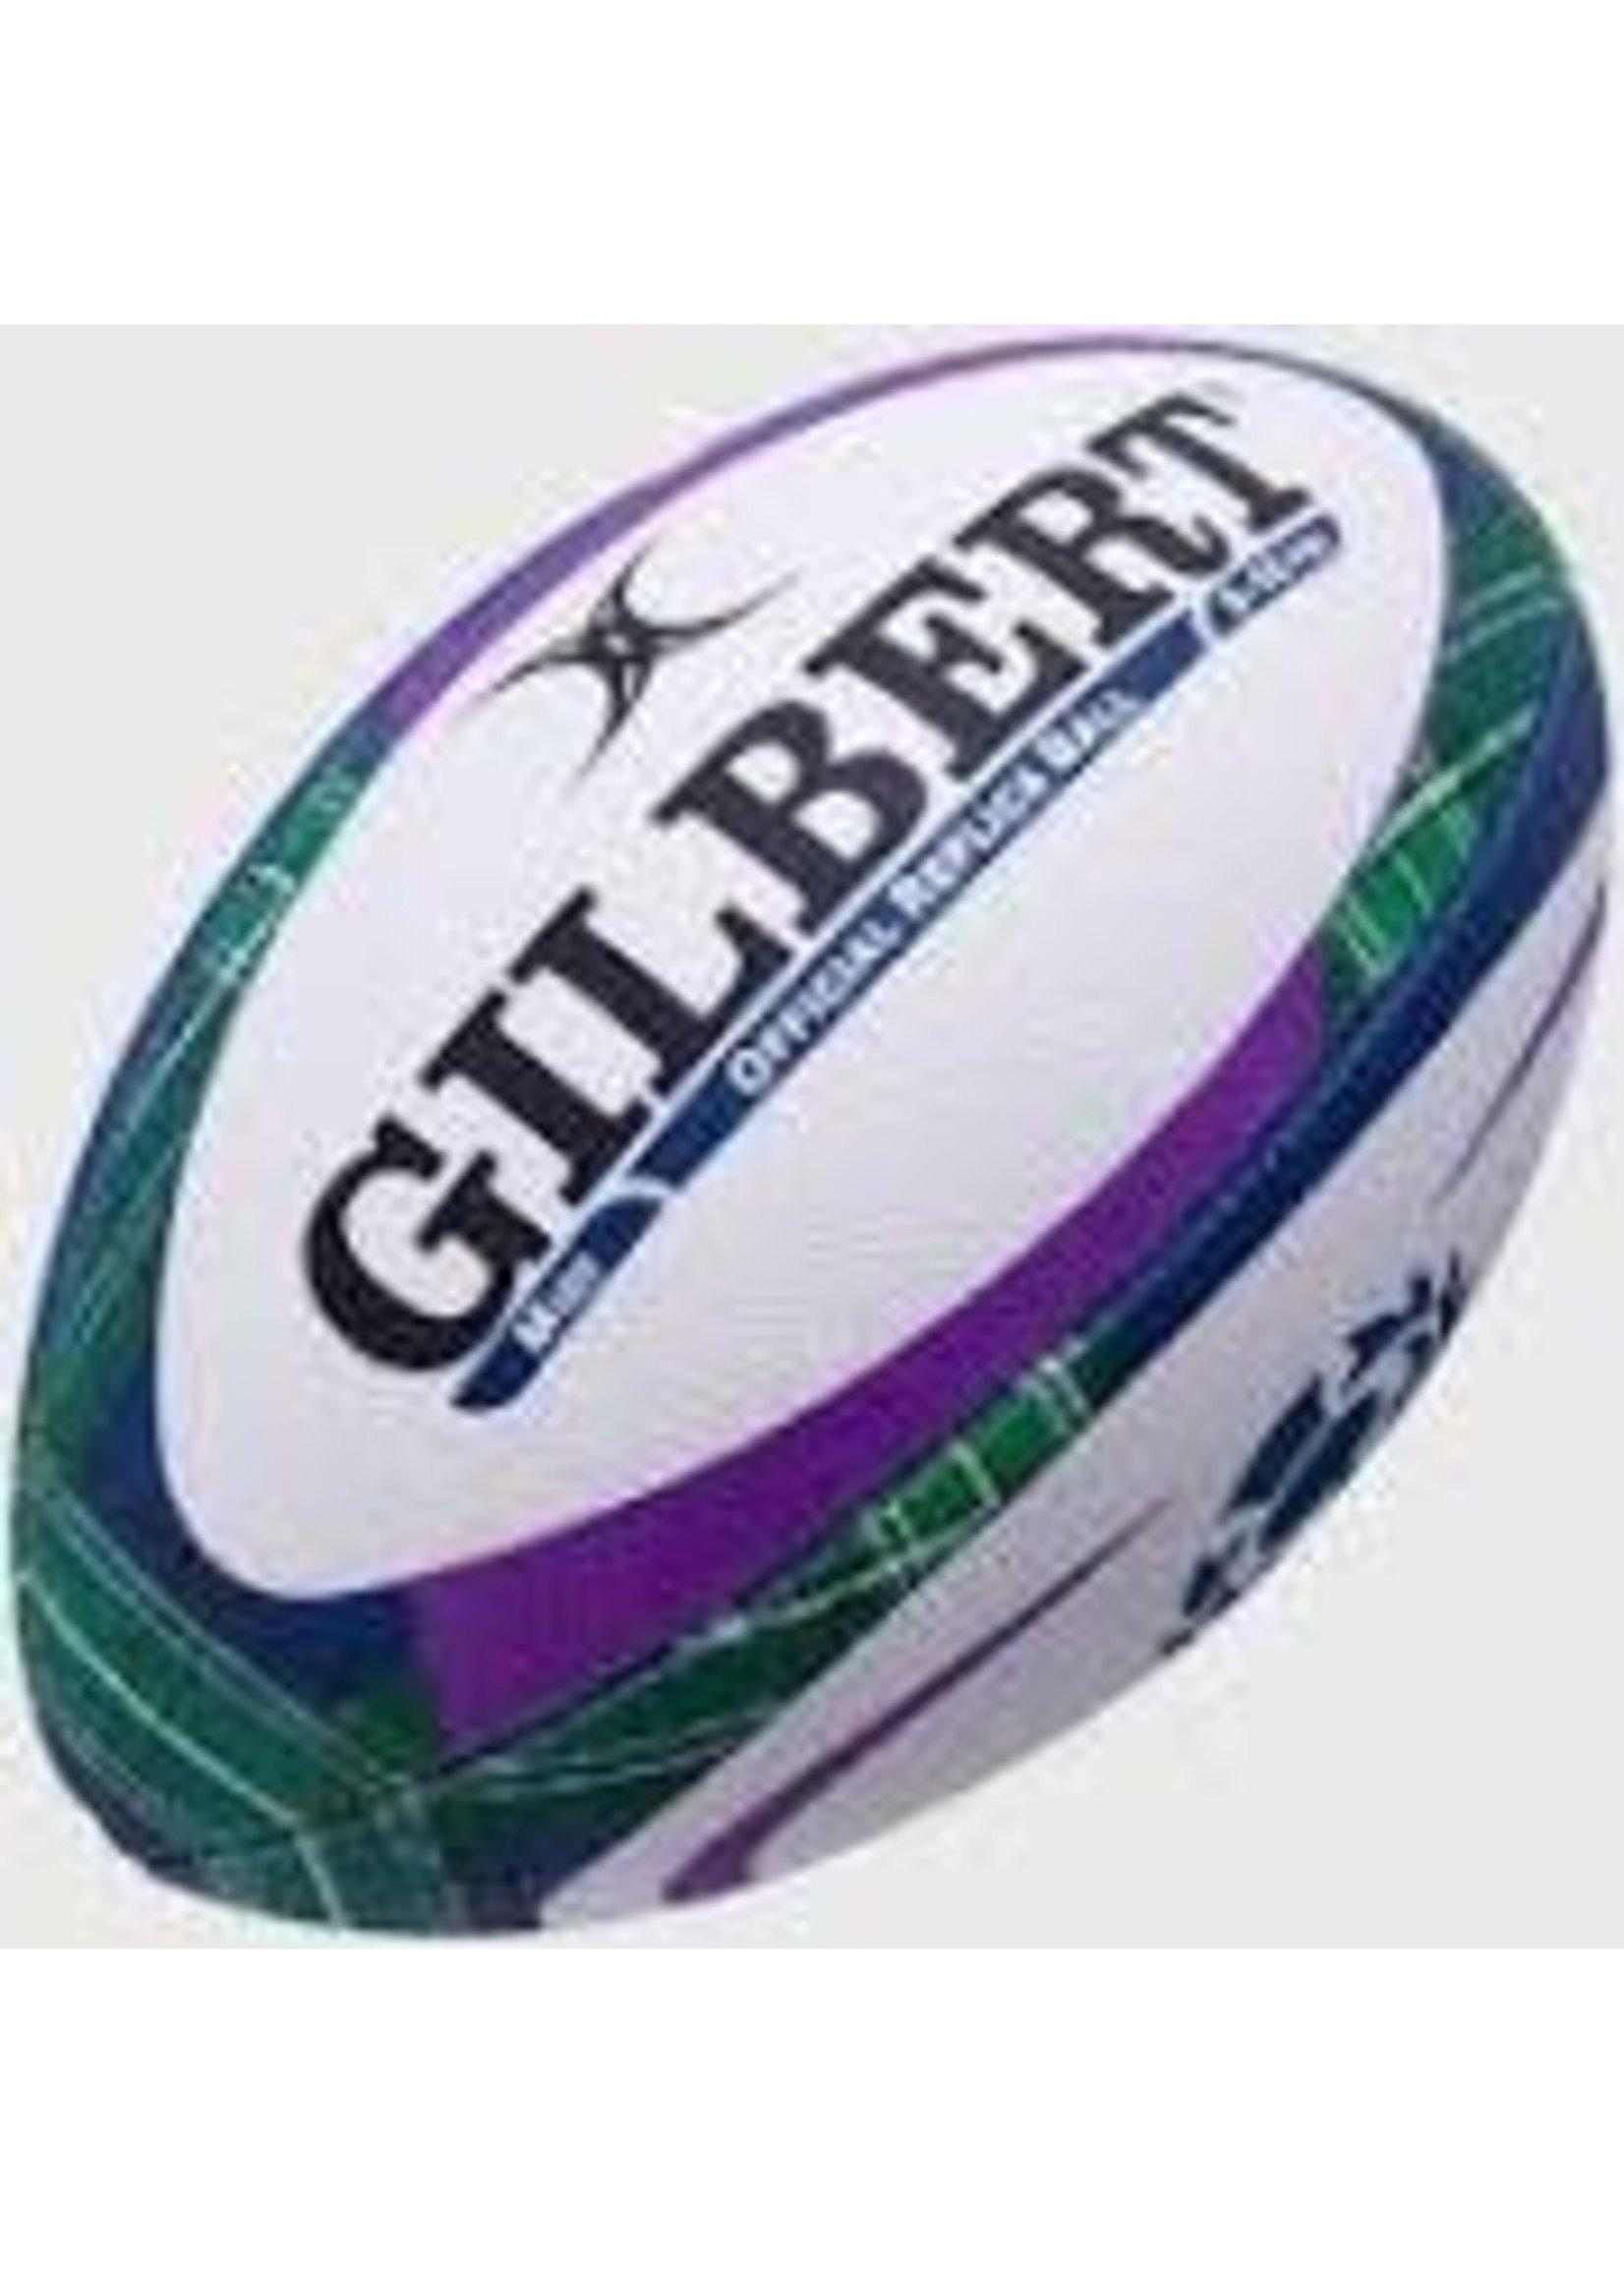 Gilbert Gilbert Rugby Ball Scotland Tartan Midi (2020)